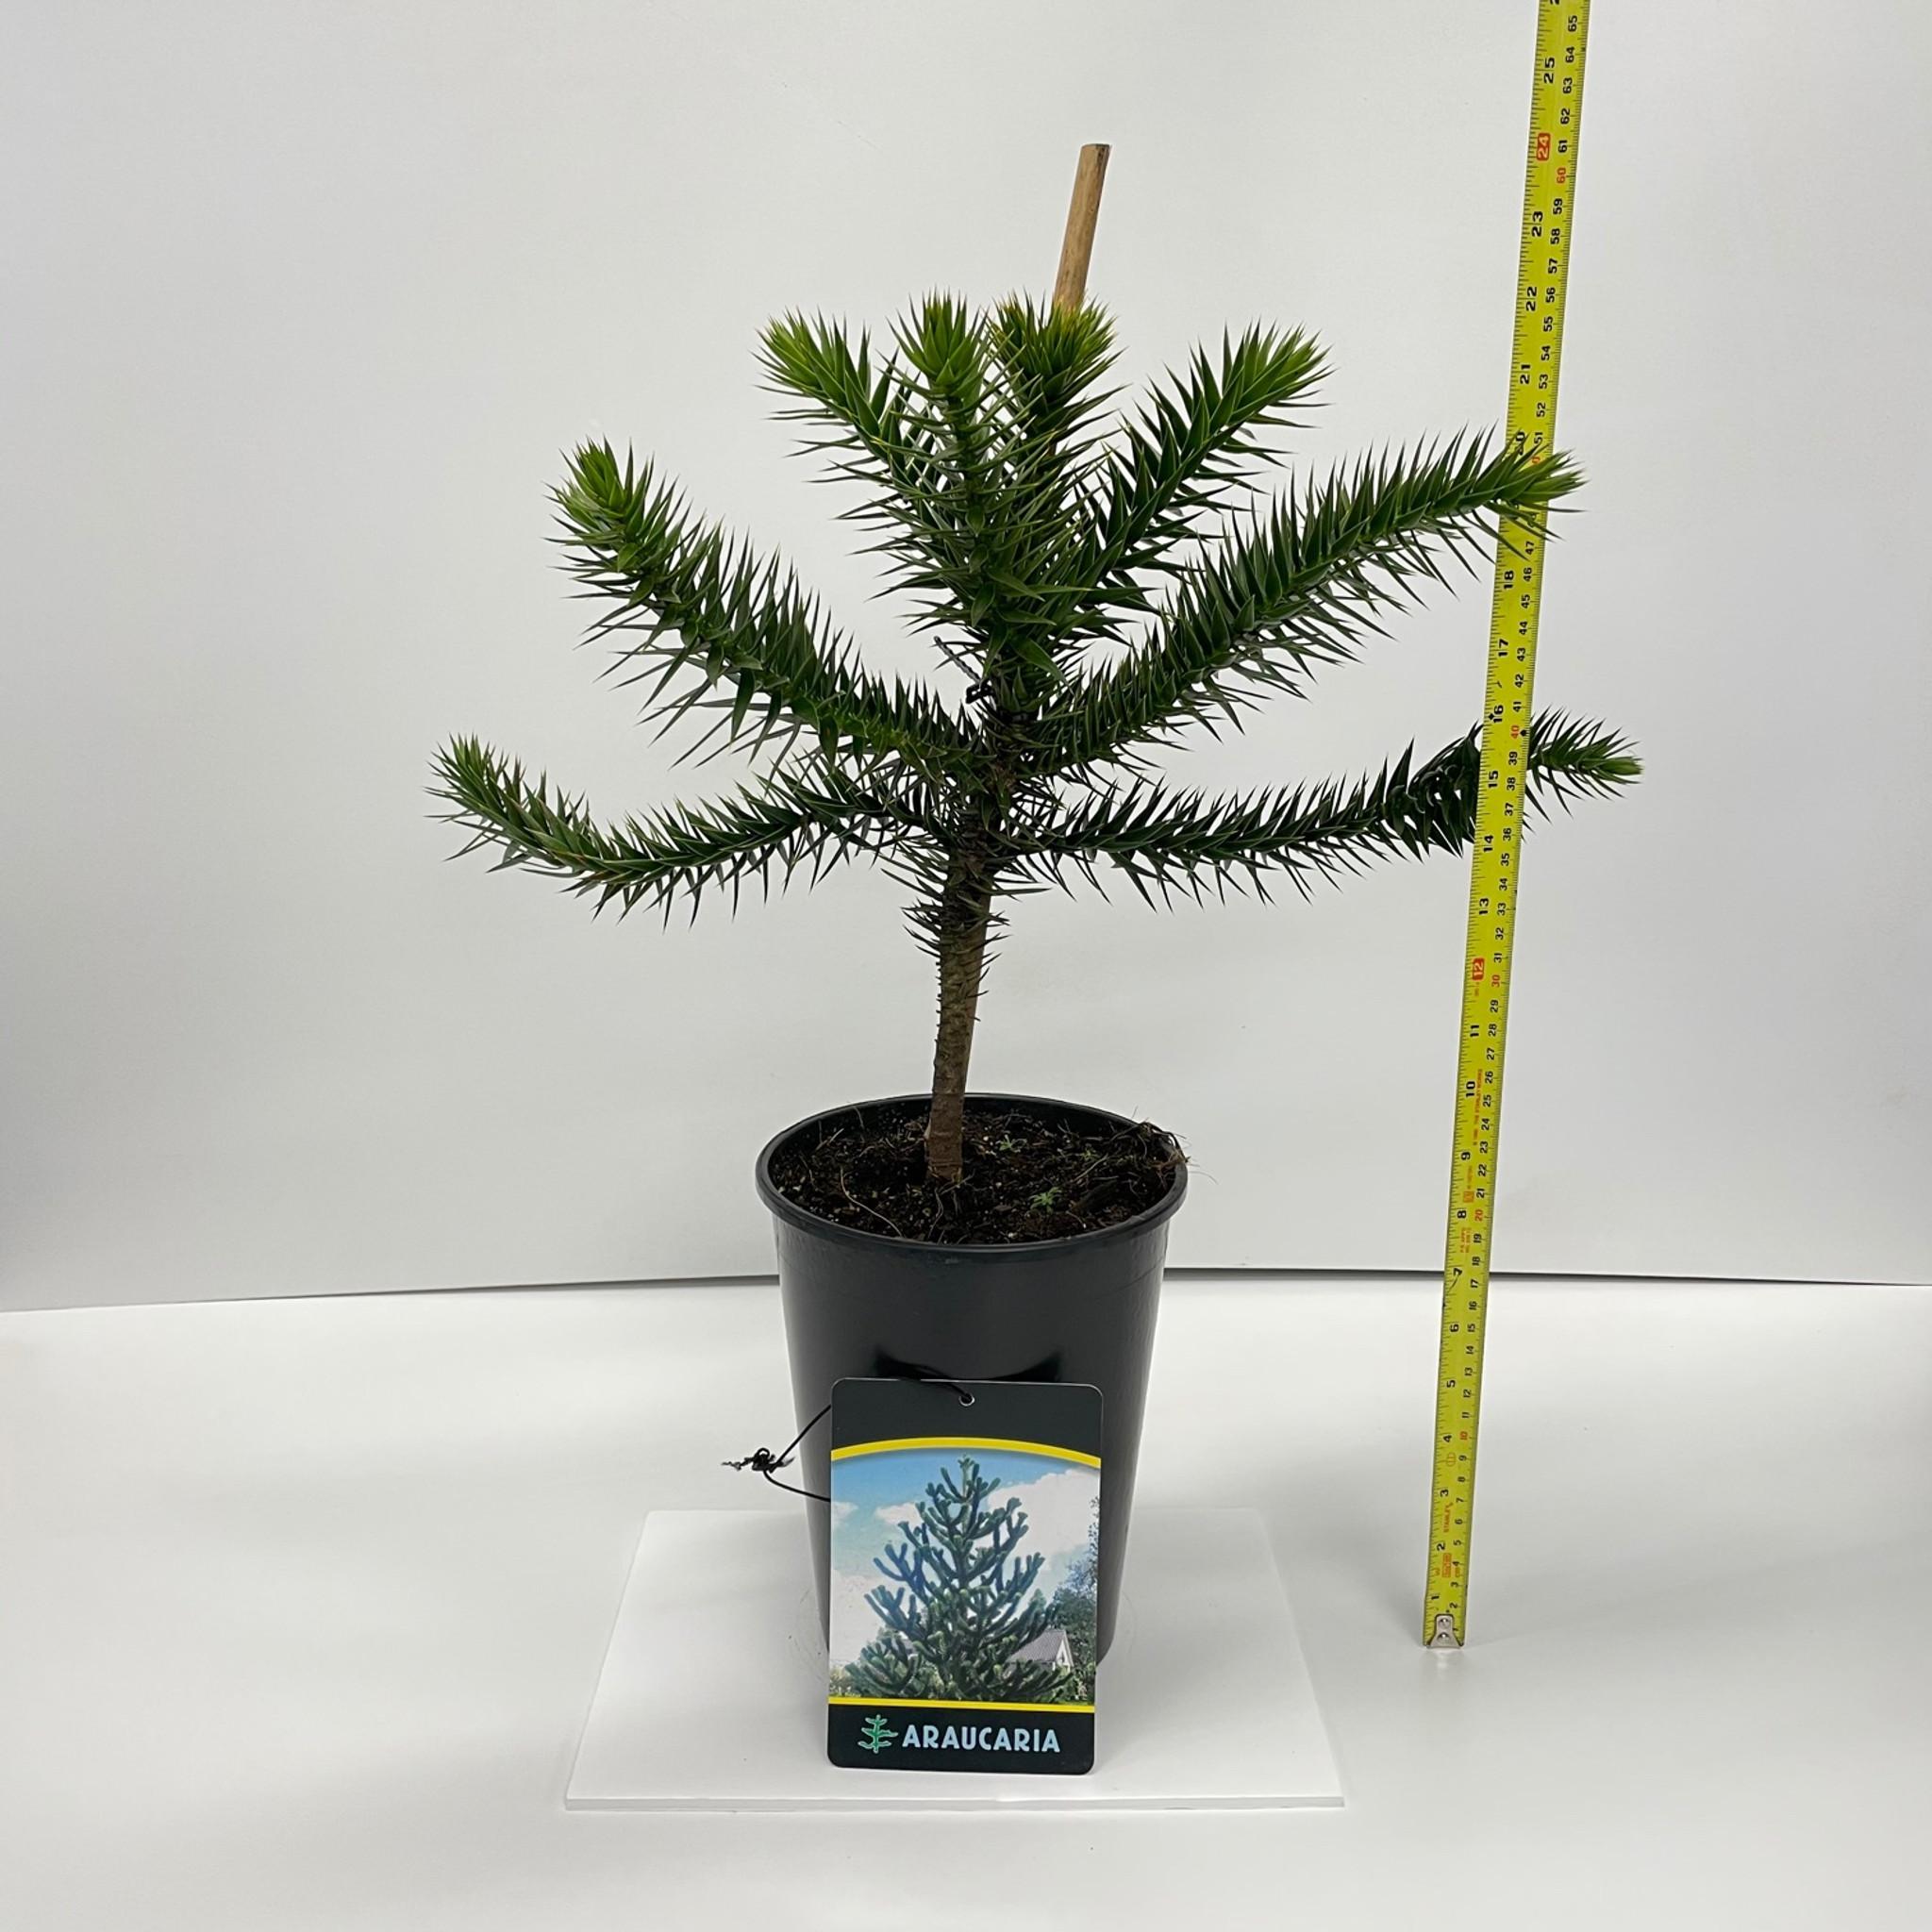 Araucaria Araucana Monkey Puzzle Tree - 60cm Height